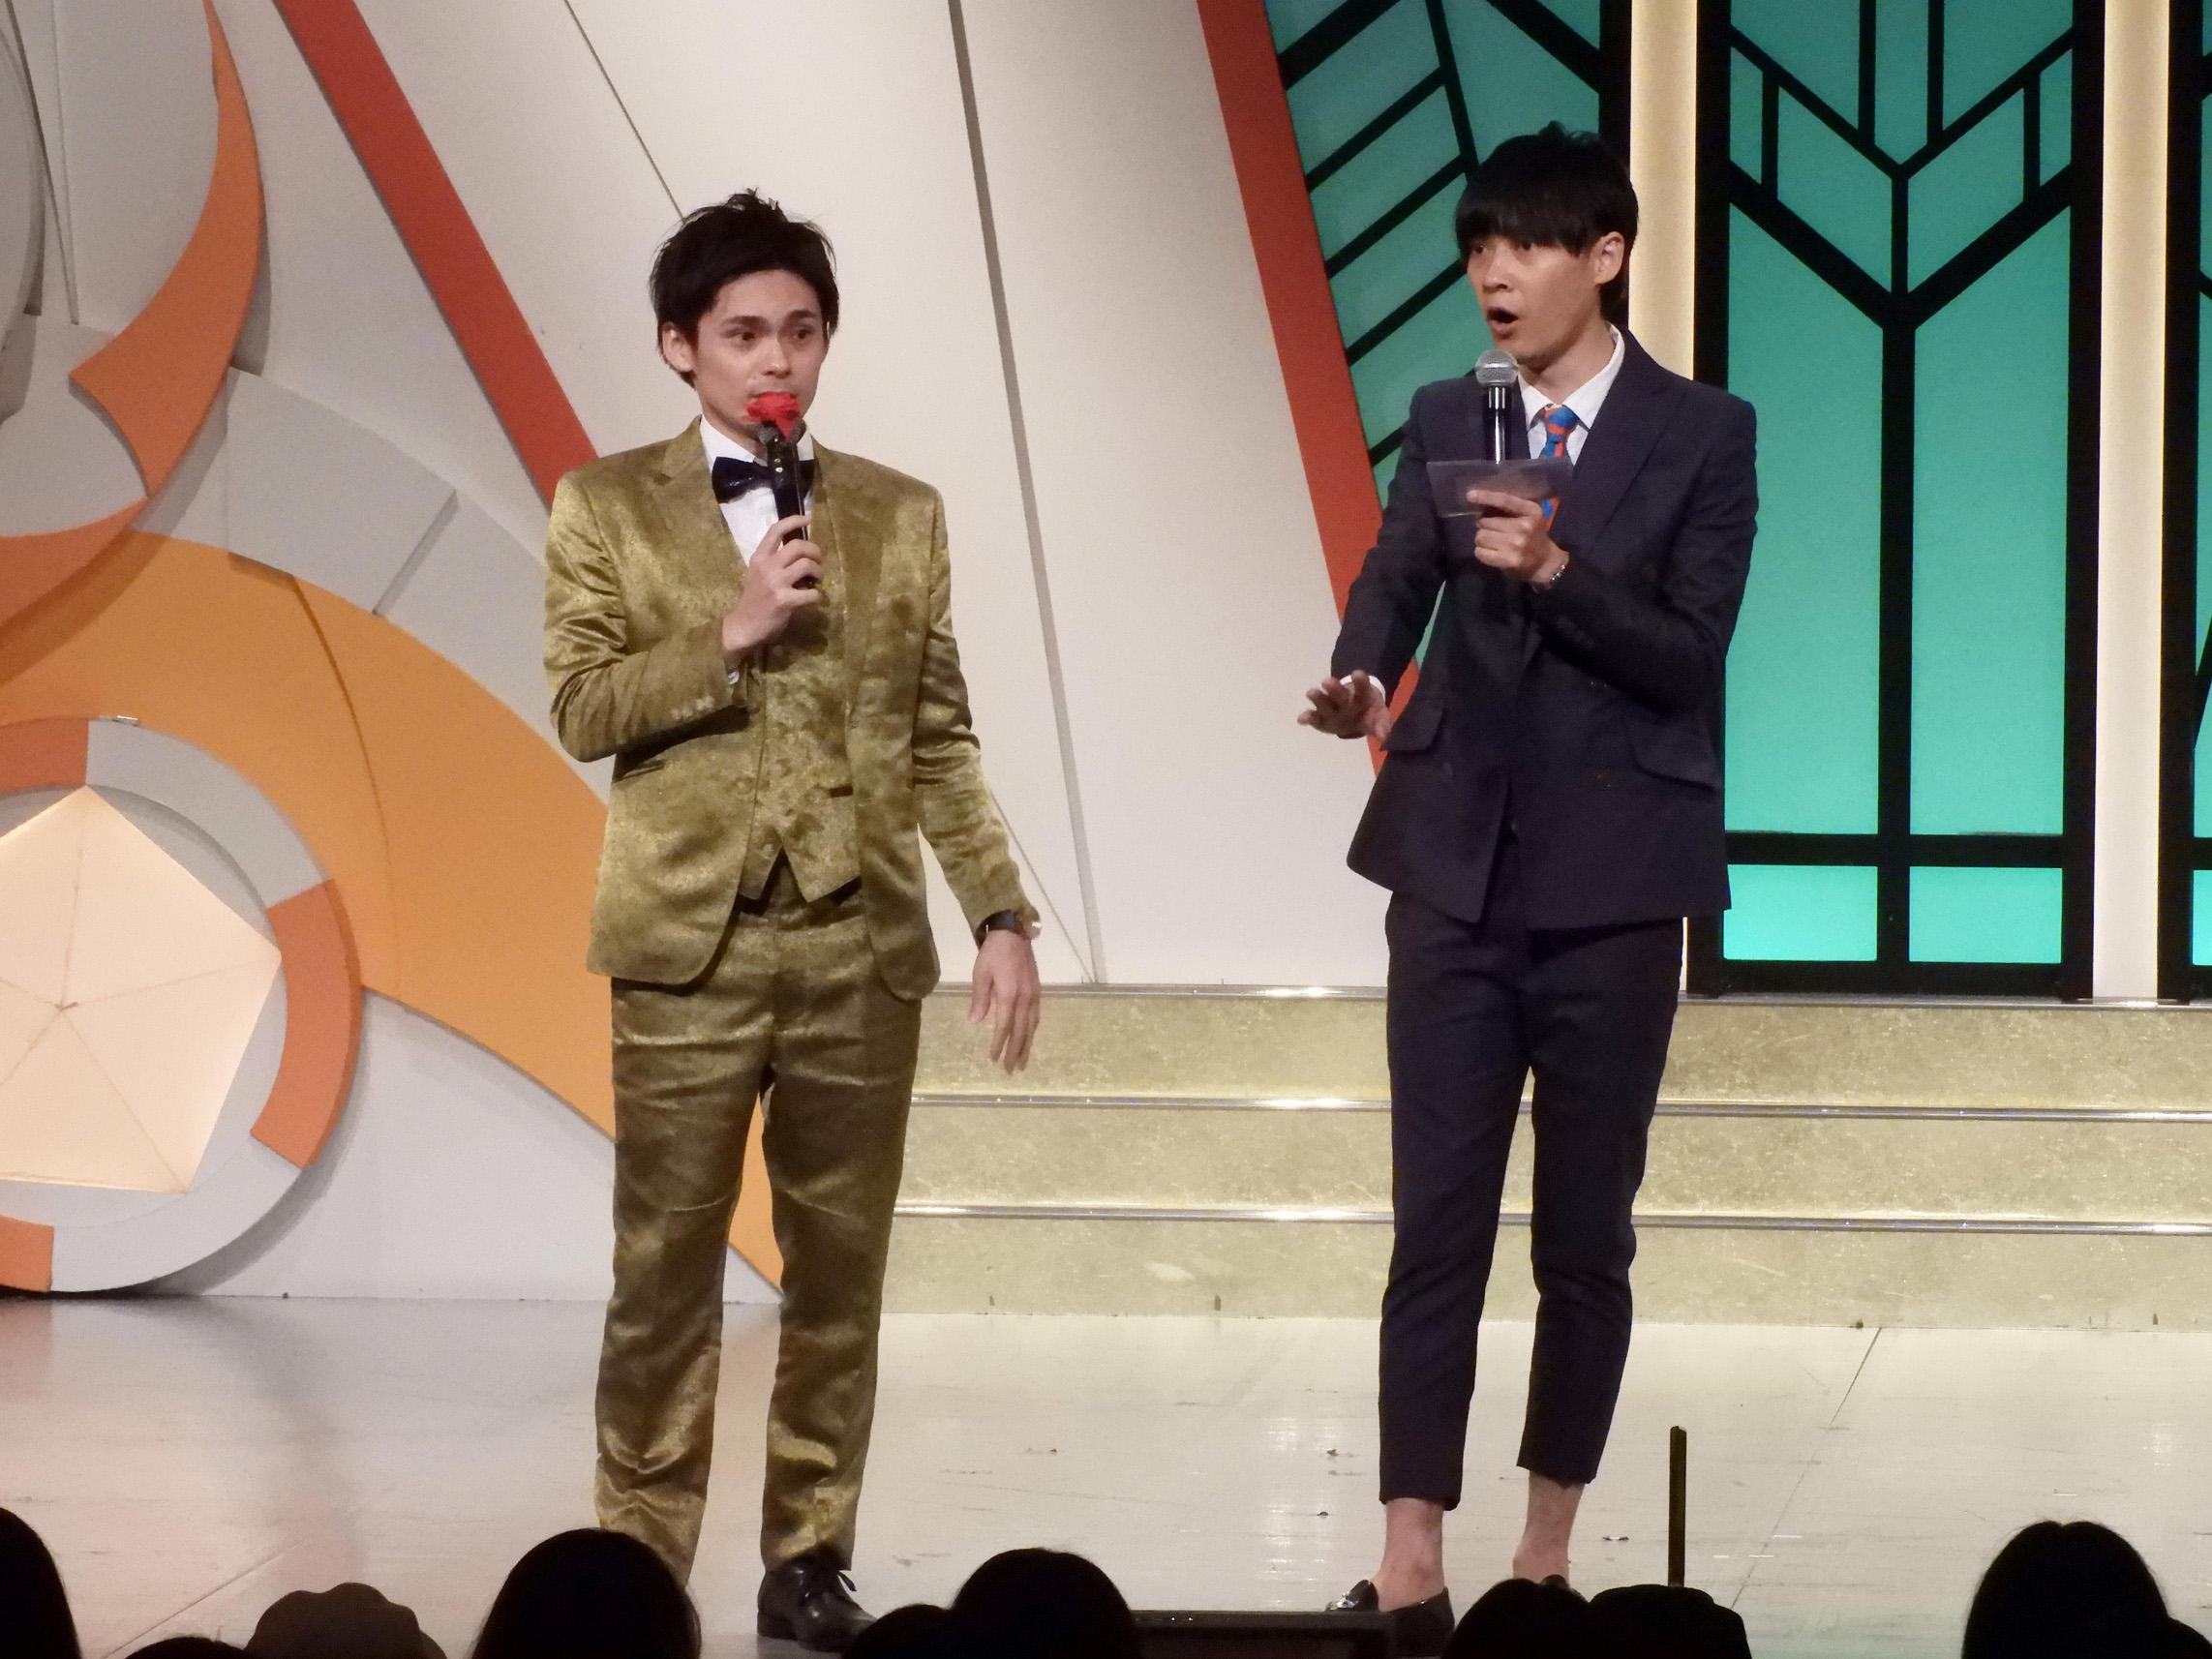 http://news.yoshimoto.co.jp/20180914163650-6cfc66ffb0a748c2d1fdbc2fb17f2cfc6d908cd2.jpg